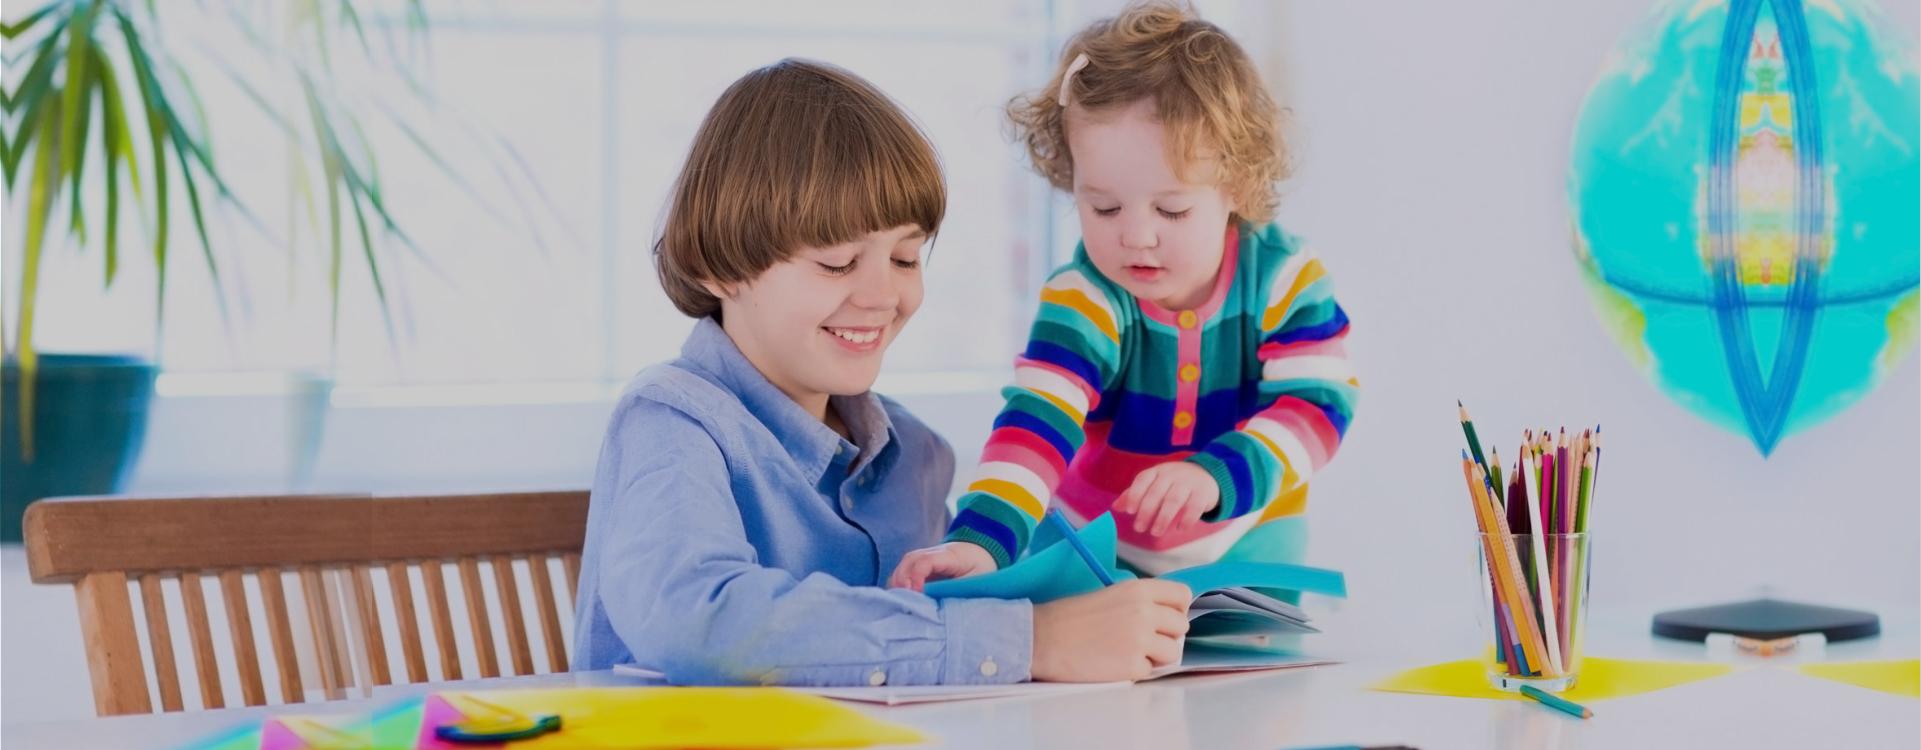 children doing art work